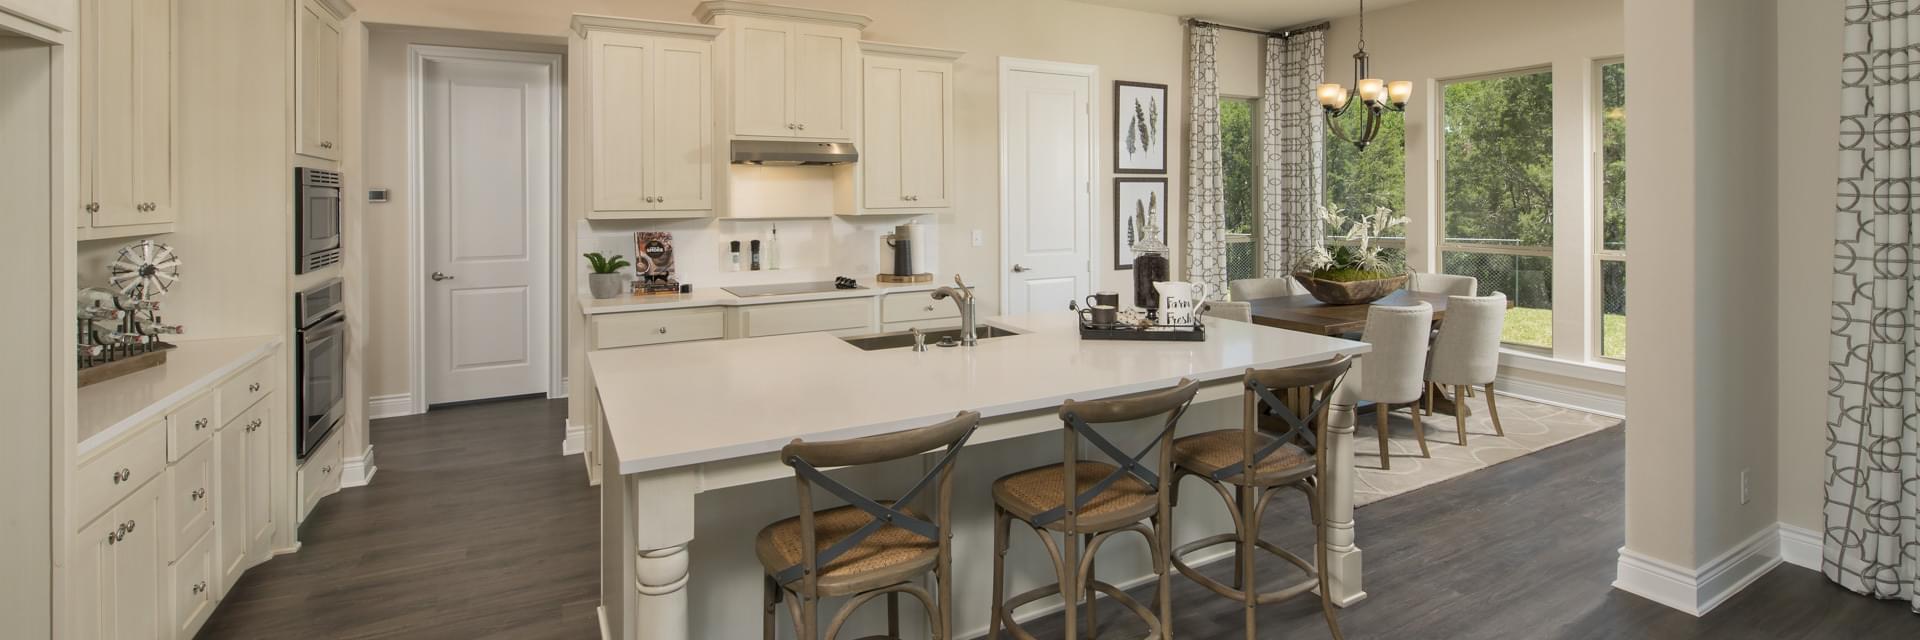 Tilson Homes | Texas Custom Homebuilder | News